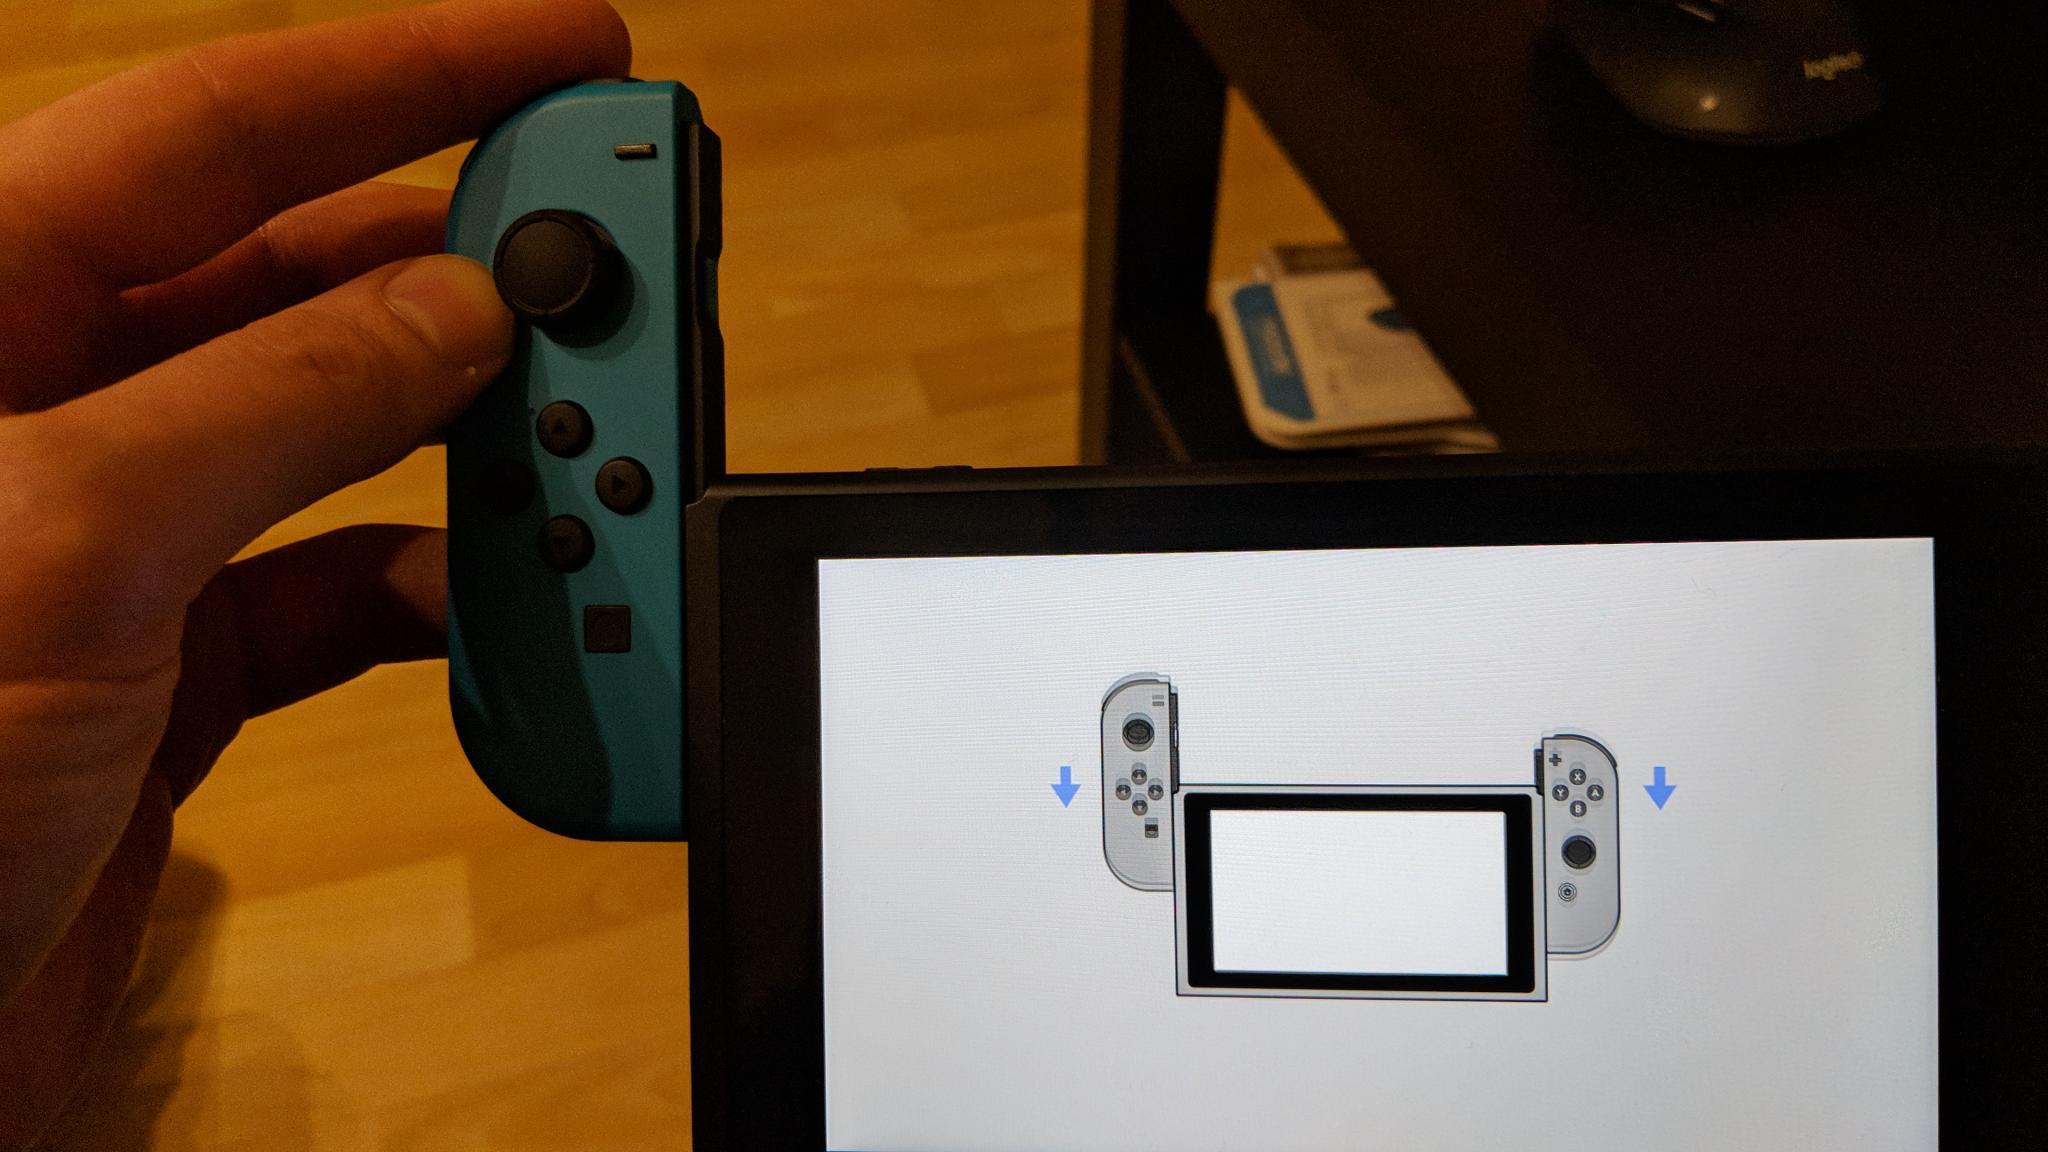 Anleitung: Nintendo Switch einrichten - die ersten Schritte